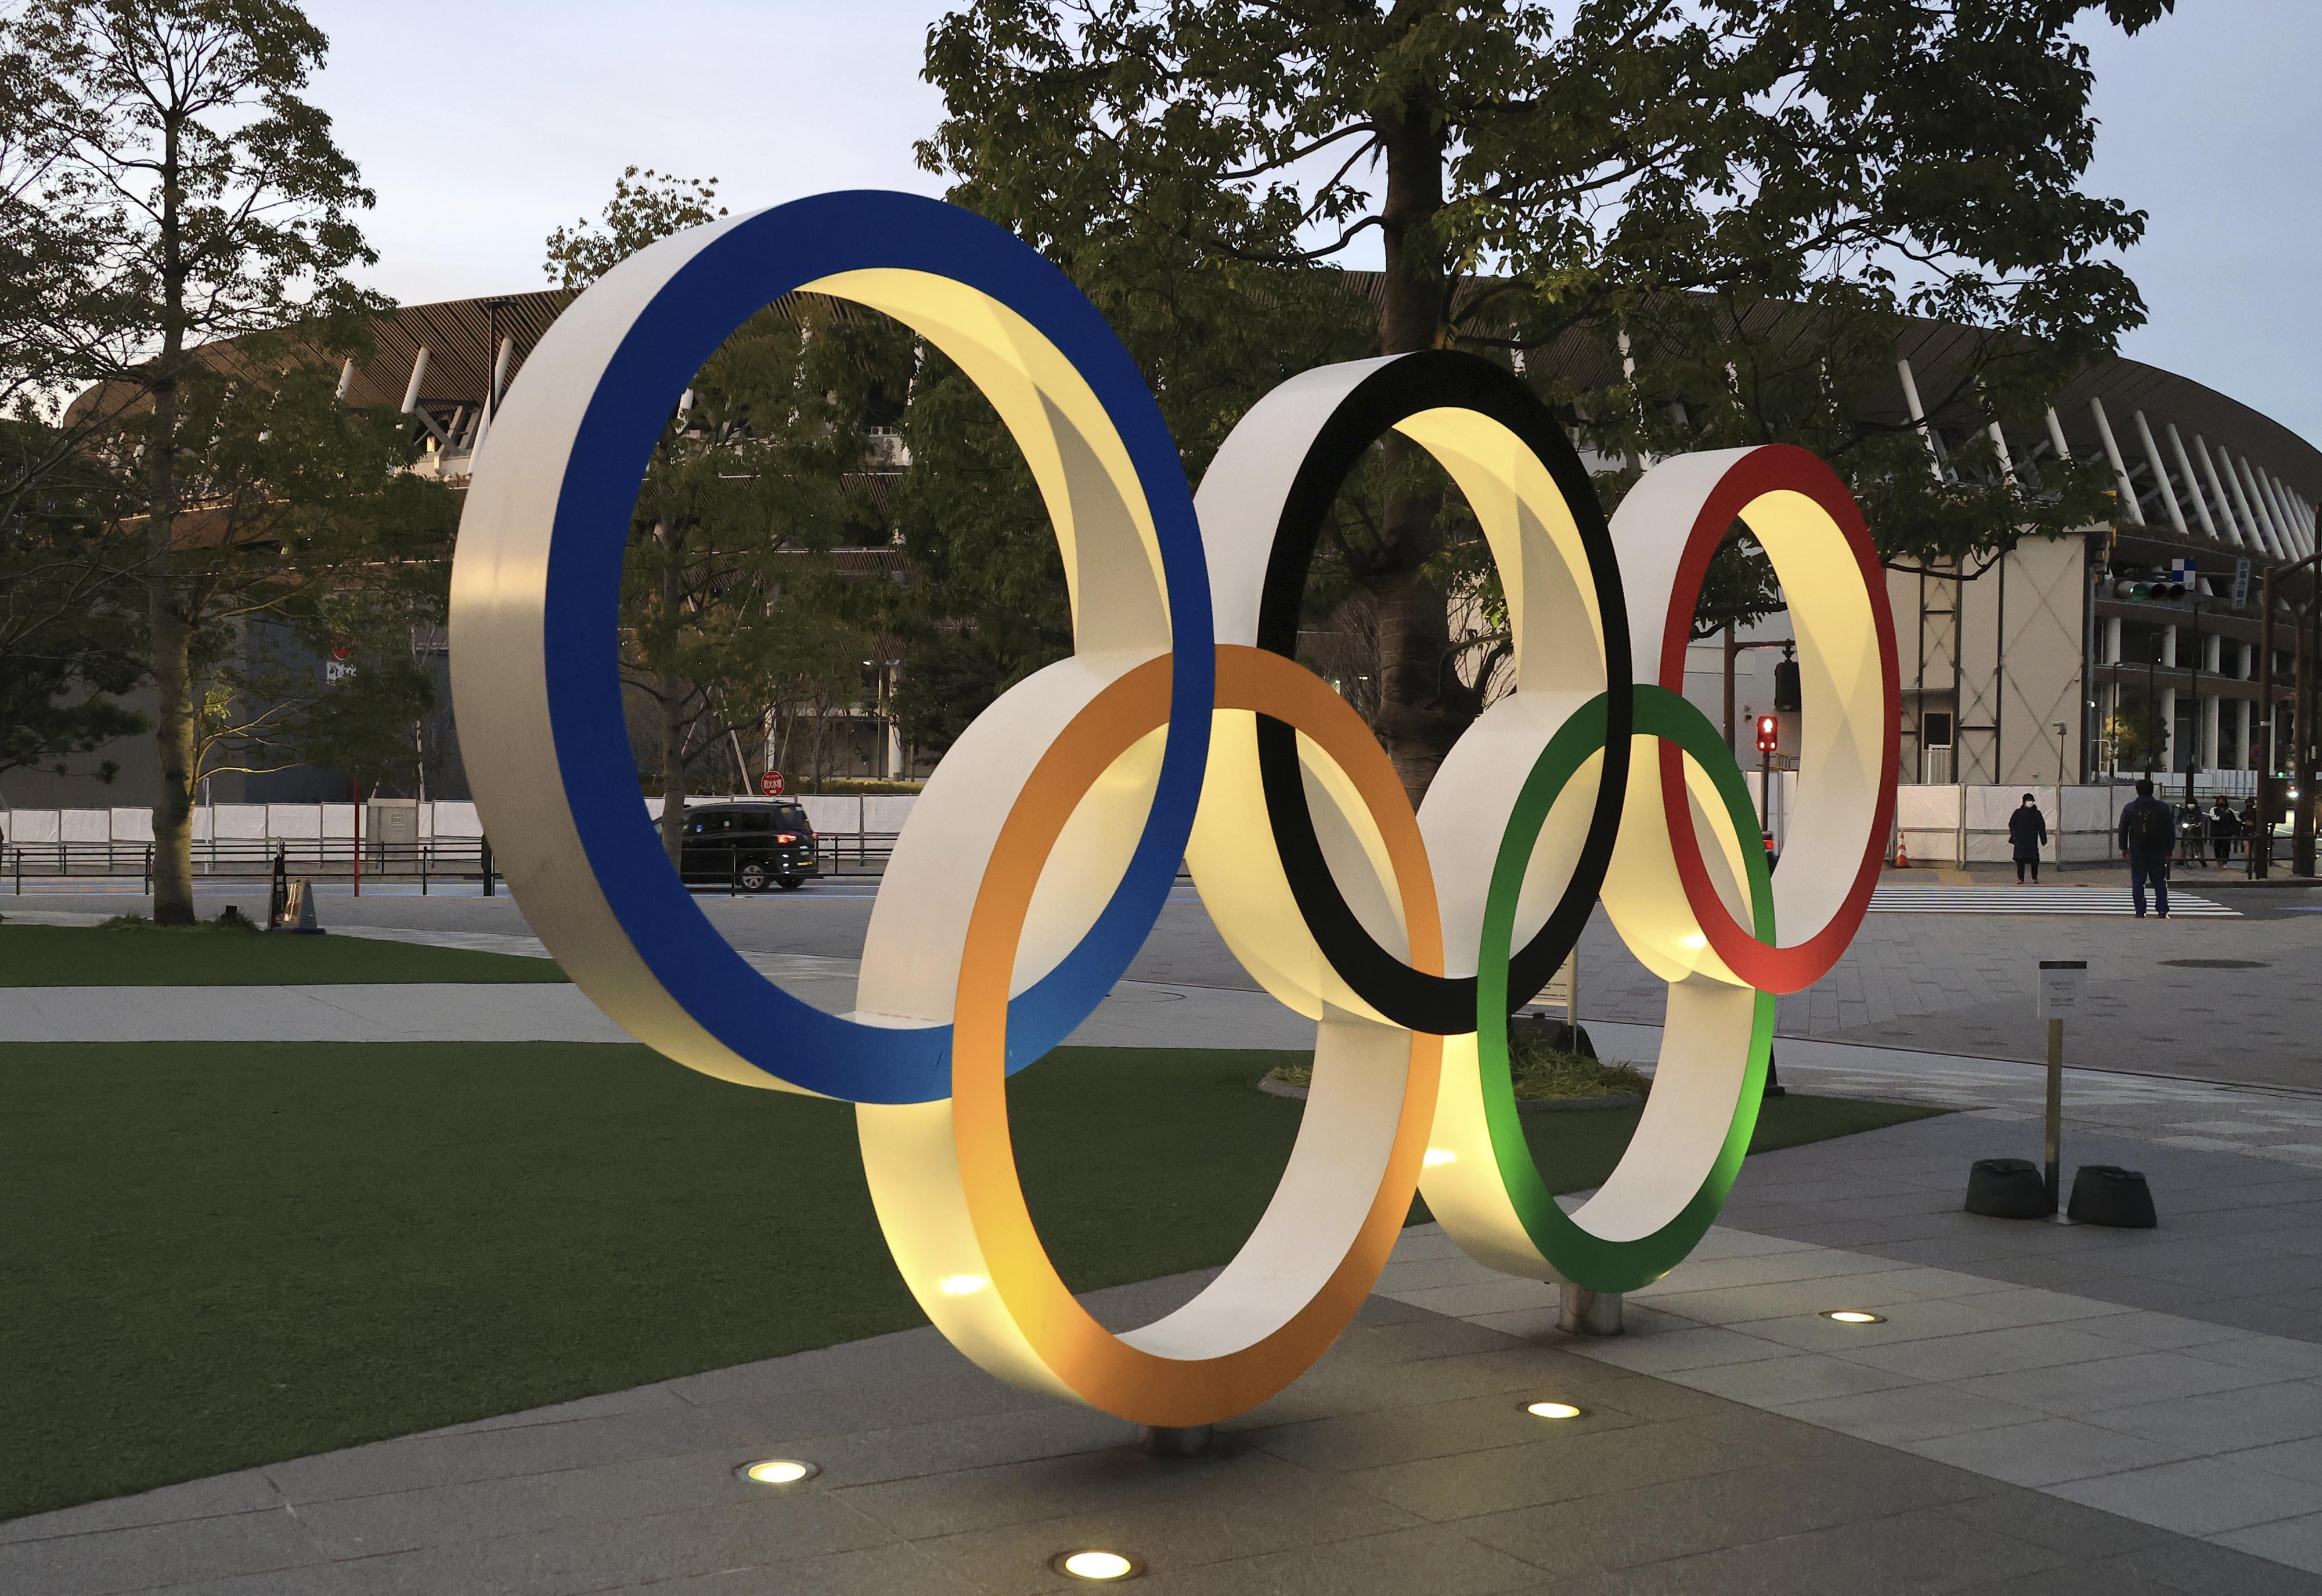 Jeux olympiques de Tokyo : dans 100 jours, la ruée vers l'or